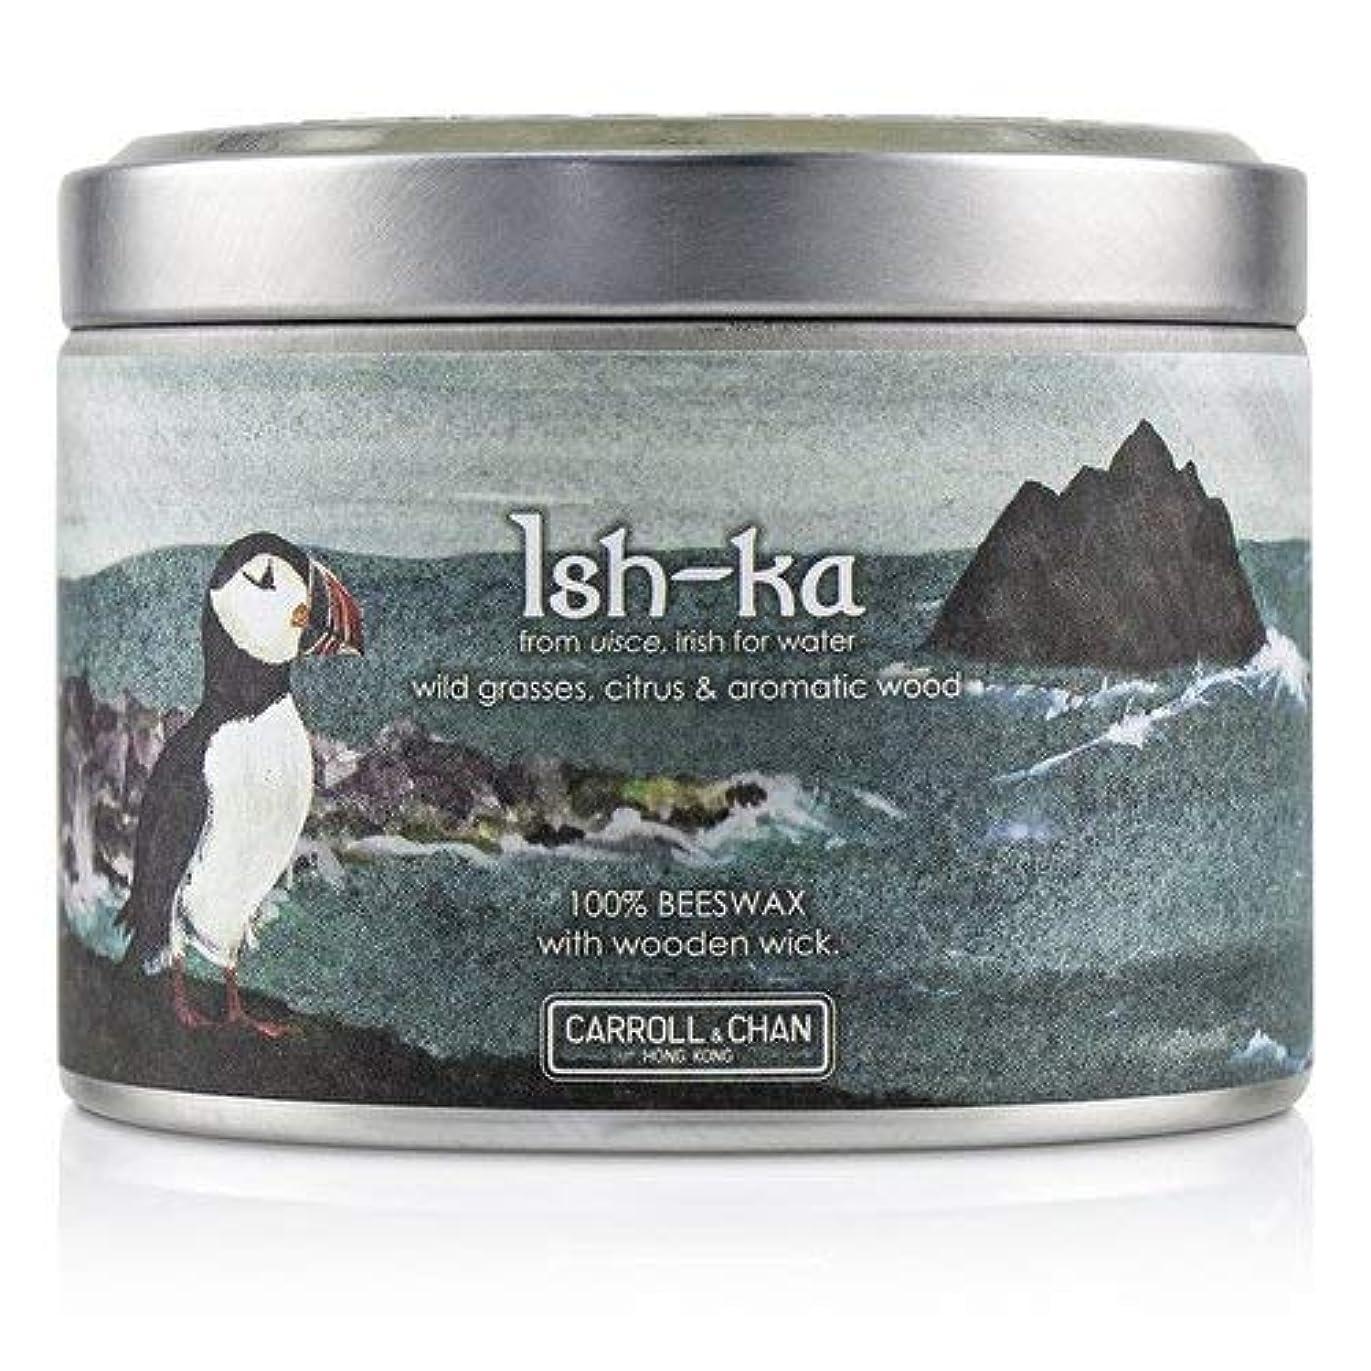 耐えられるケープ白雪姫キャンドル?カンパニー Tin Can 100% Beeswax Candle with Wooden Wick - Ish-Ka (8x5) cm並行輸入品